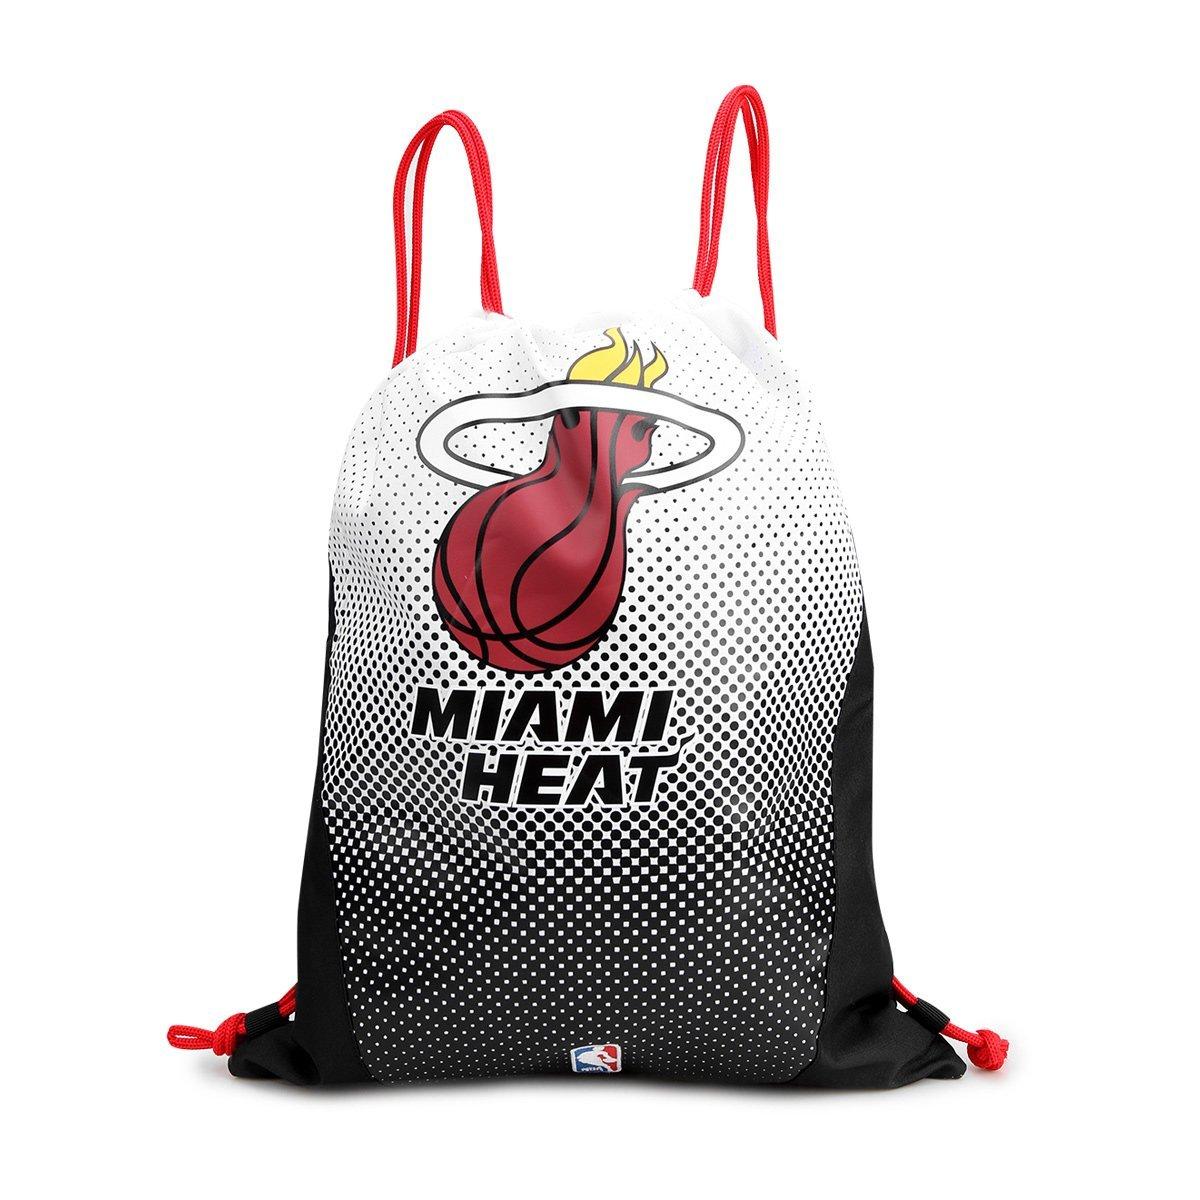 Sacola do Miami Heat